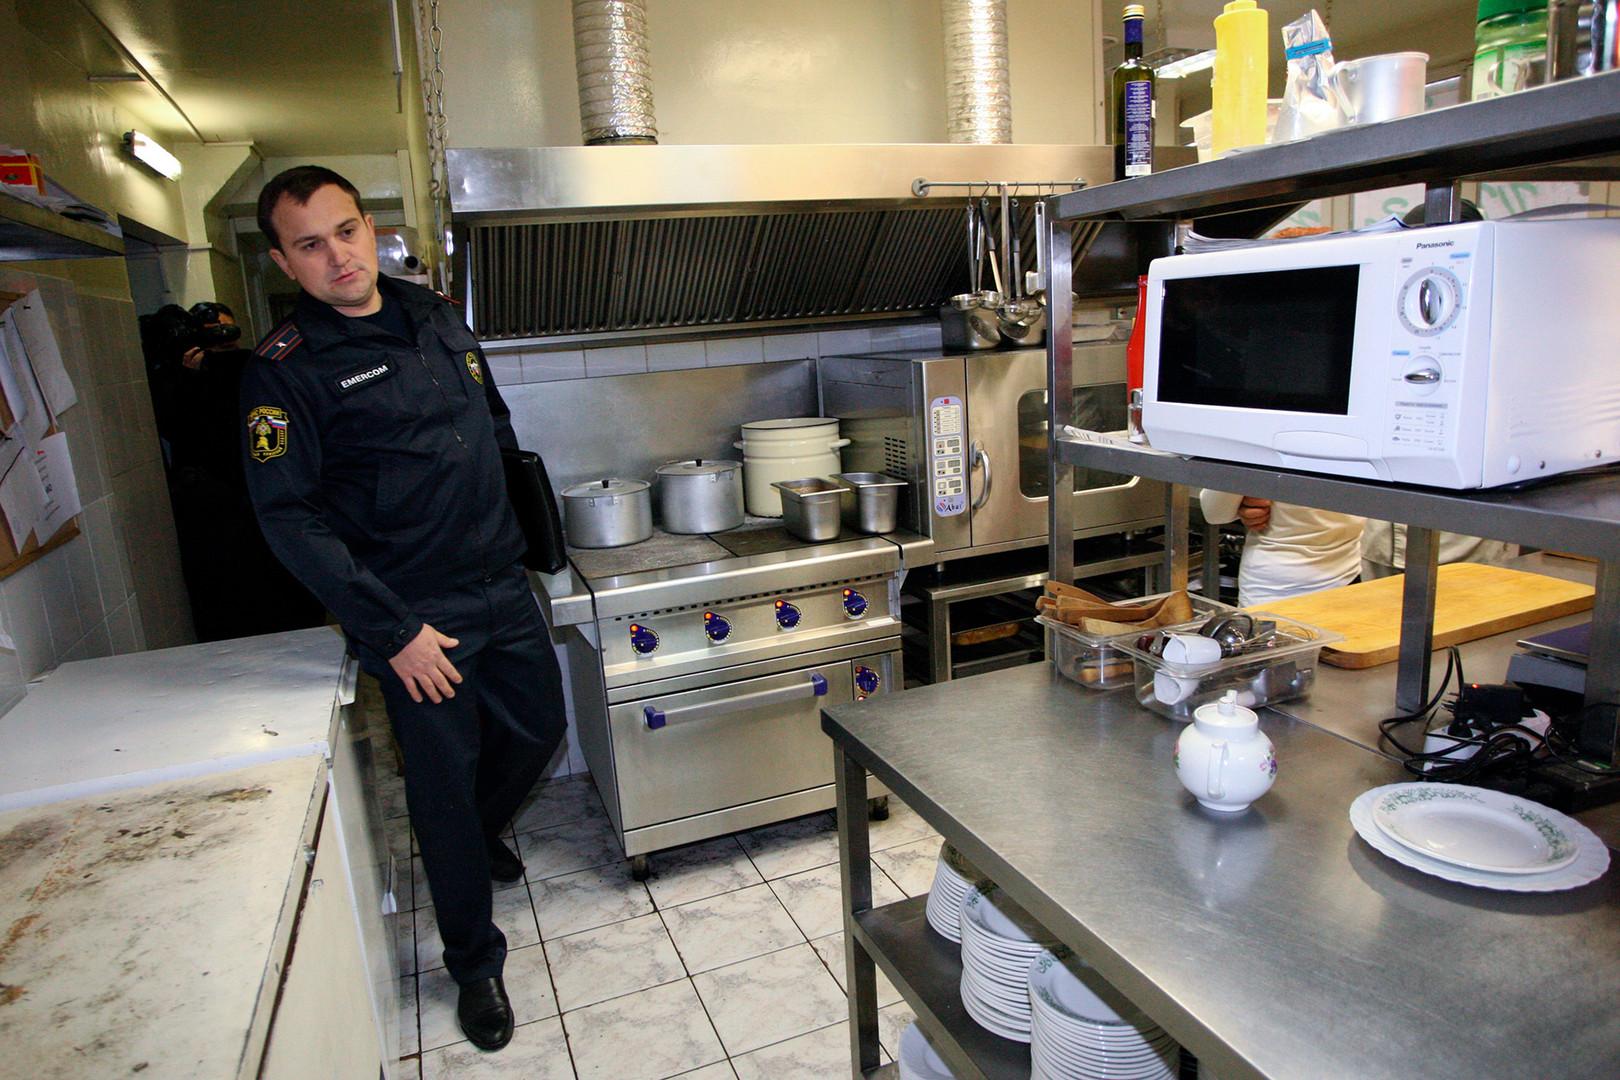 Ако припремате добру храну и ако ваши клијенти то знају они ће почети да долазе редовно, а инспектори неће долазити често ако се нико не жали на вас.